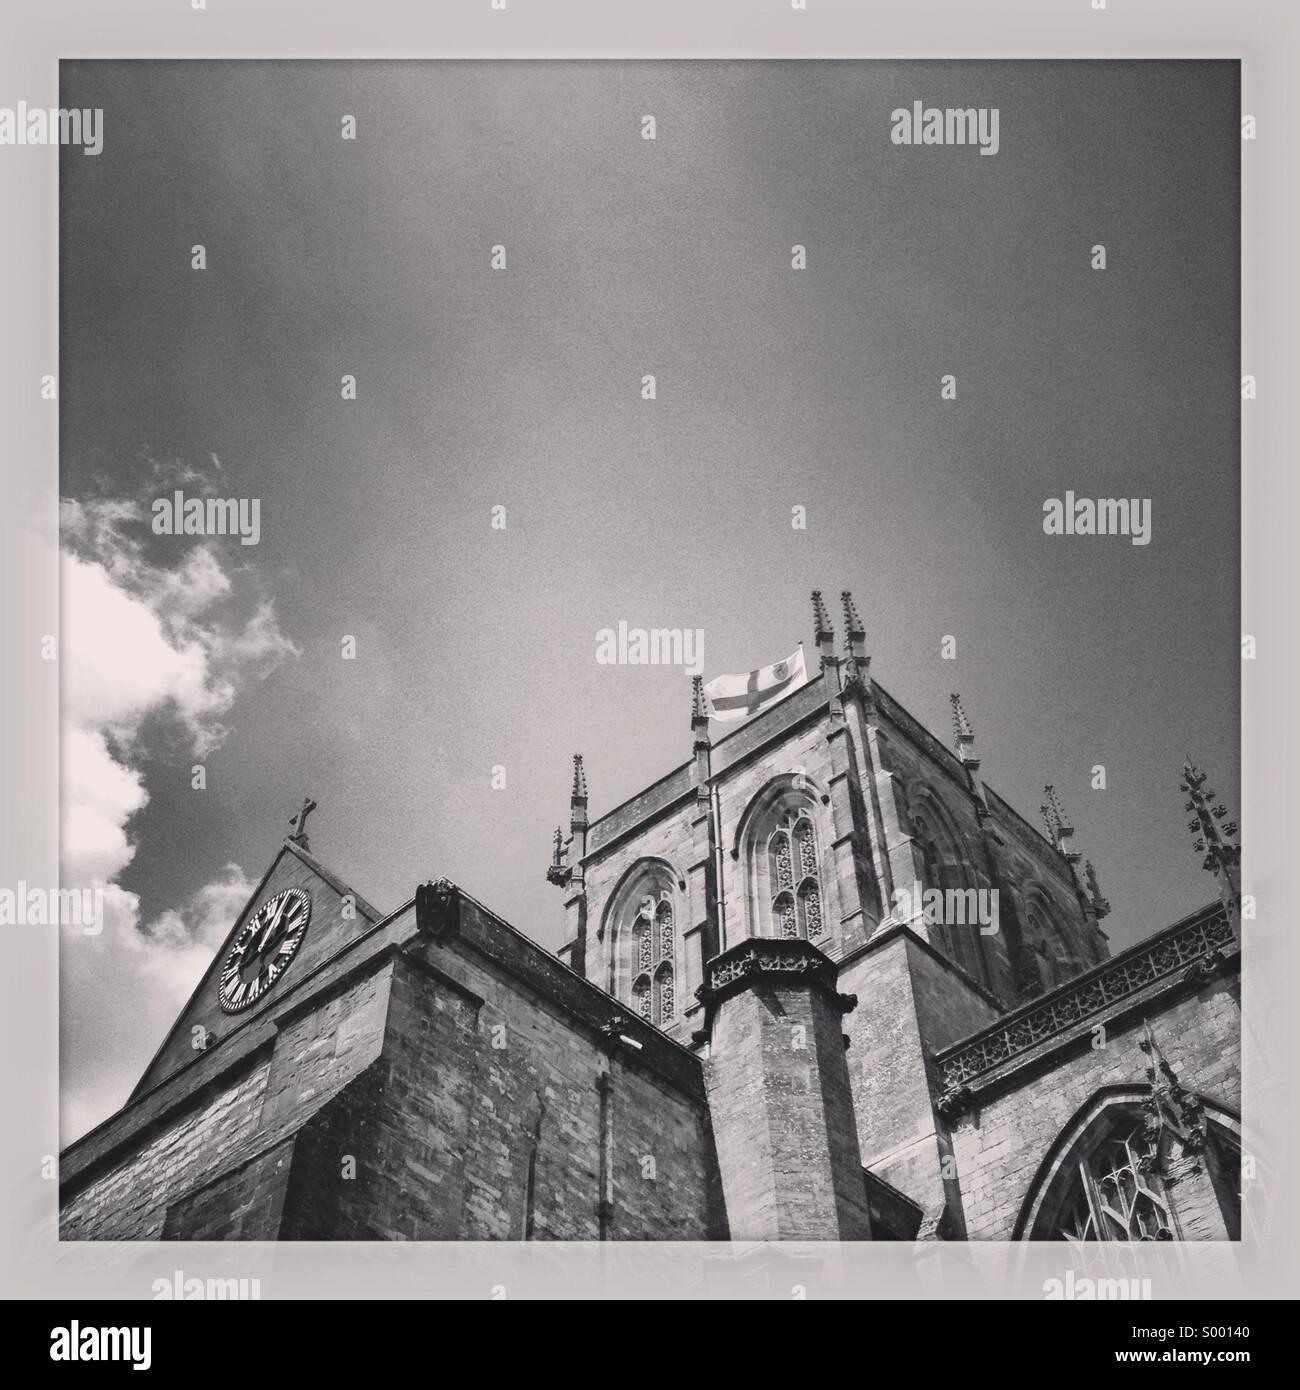 La lumière qui se reflète sur le toit de l'église, Sherborne, Angleterre Photo Stock